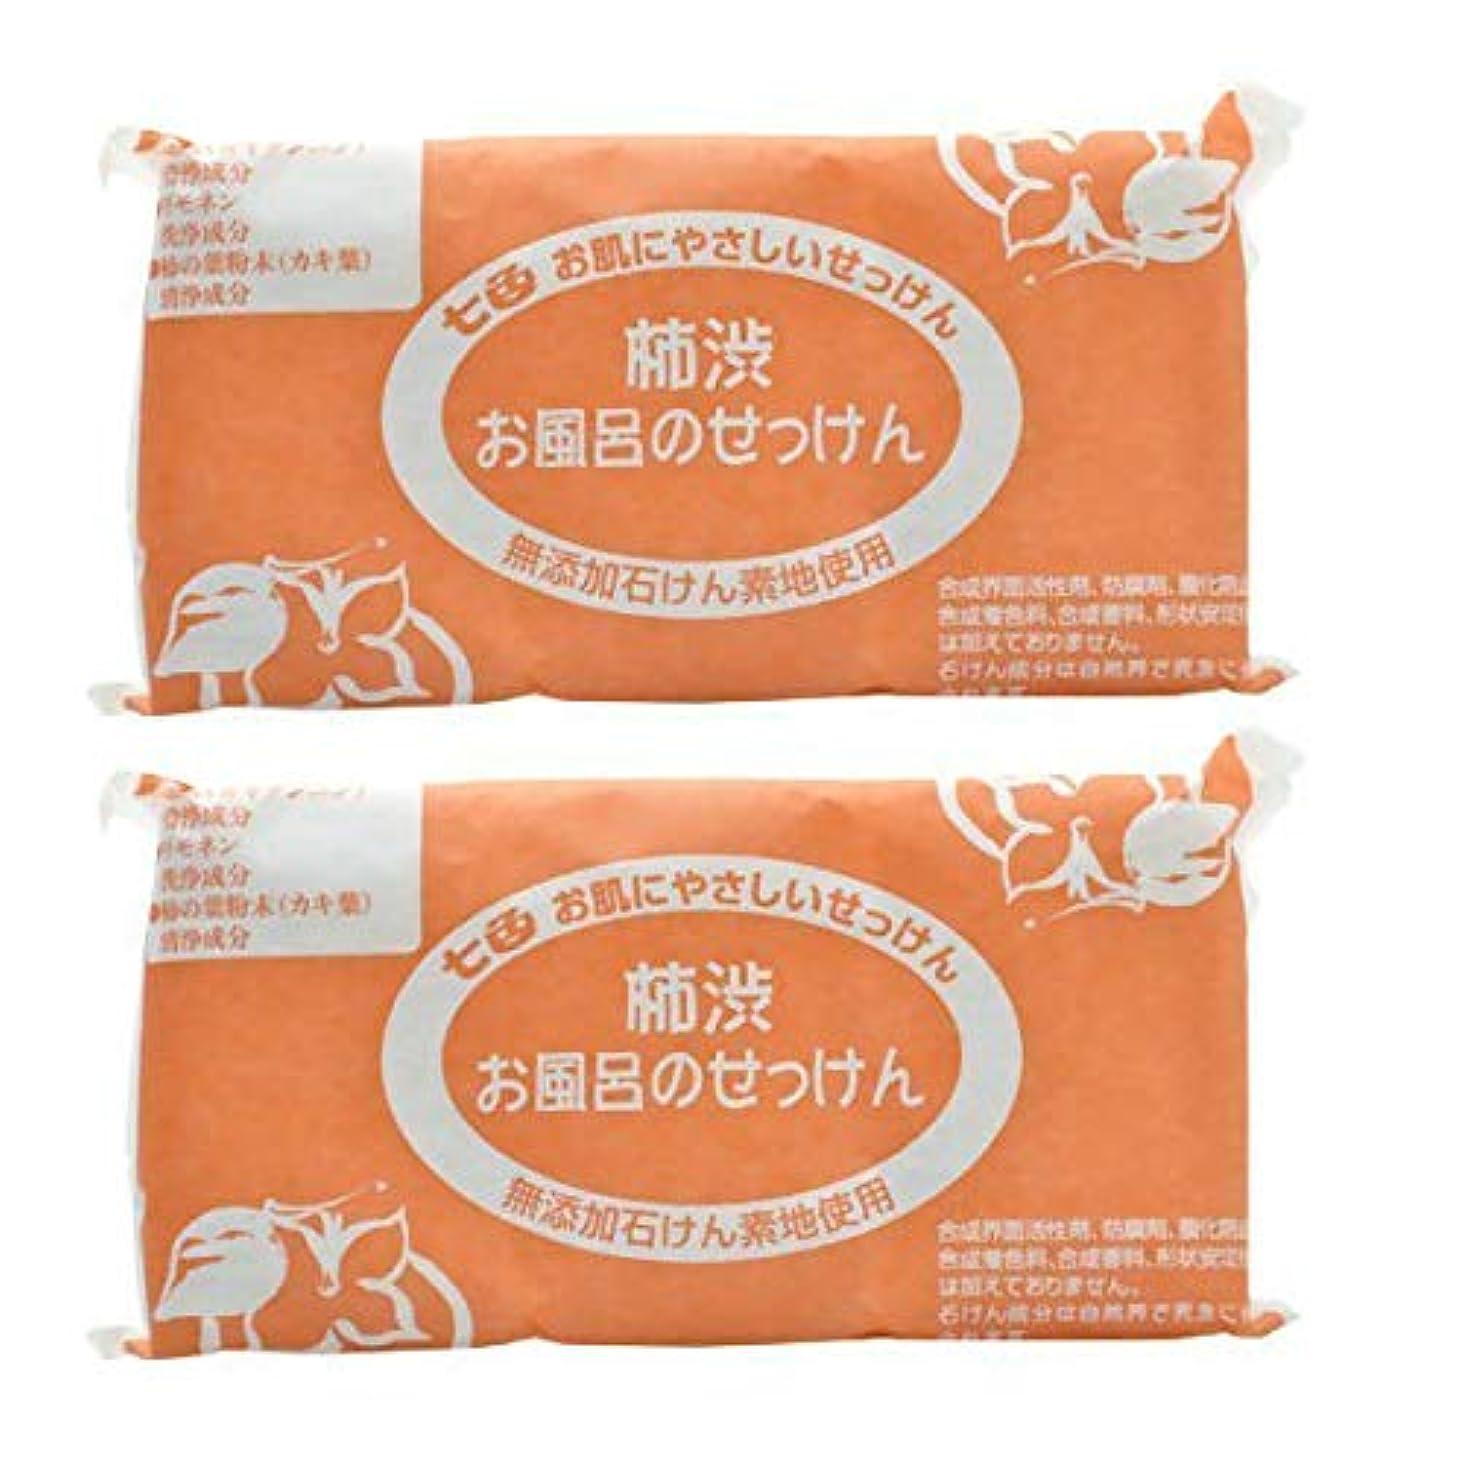 ショット群集コマース七色 お風呂のせっけん 柿渋(無添加石鹸) 100g×3個入×2セット